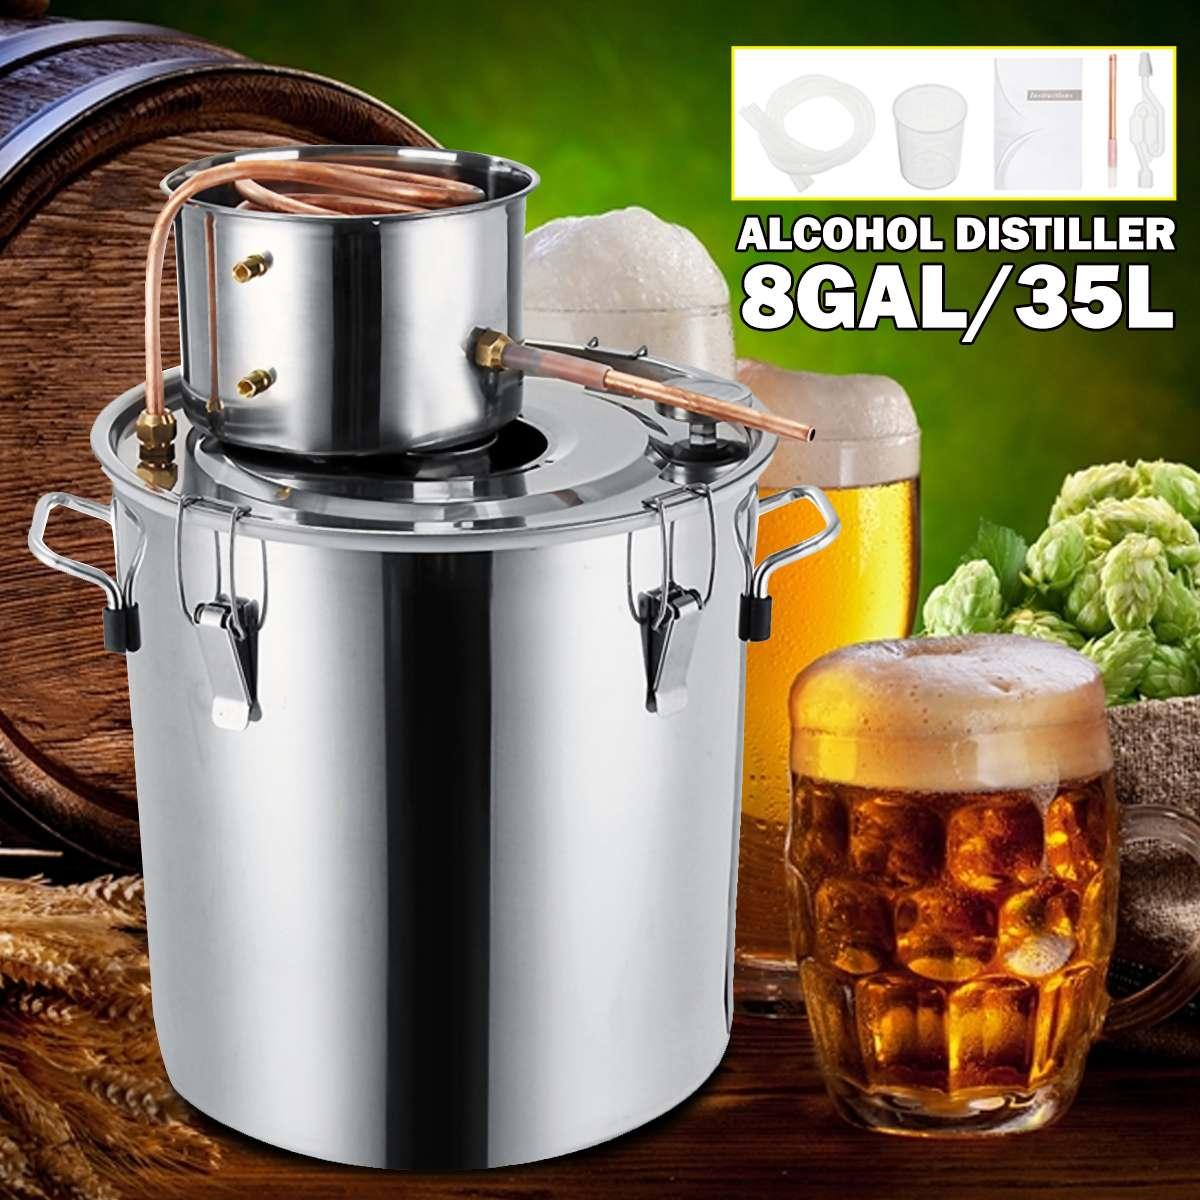 Verimli 8GAL / 35L Distiller Moonshine imbik paslanmaz bakır DIY ev su şarap uçucu yağ bira seti